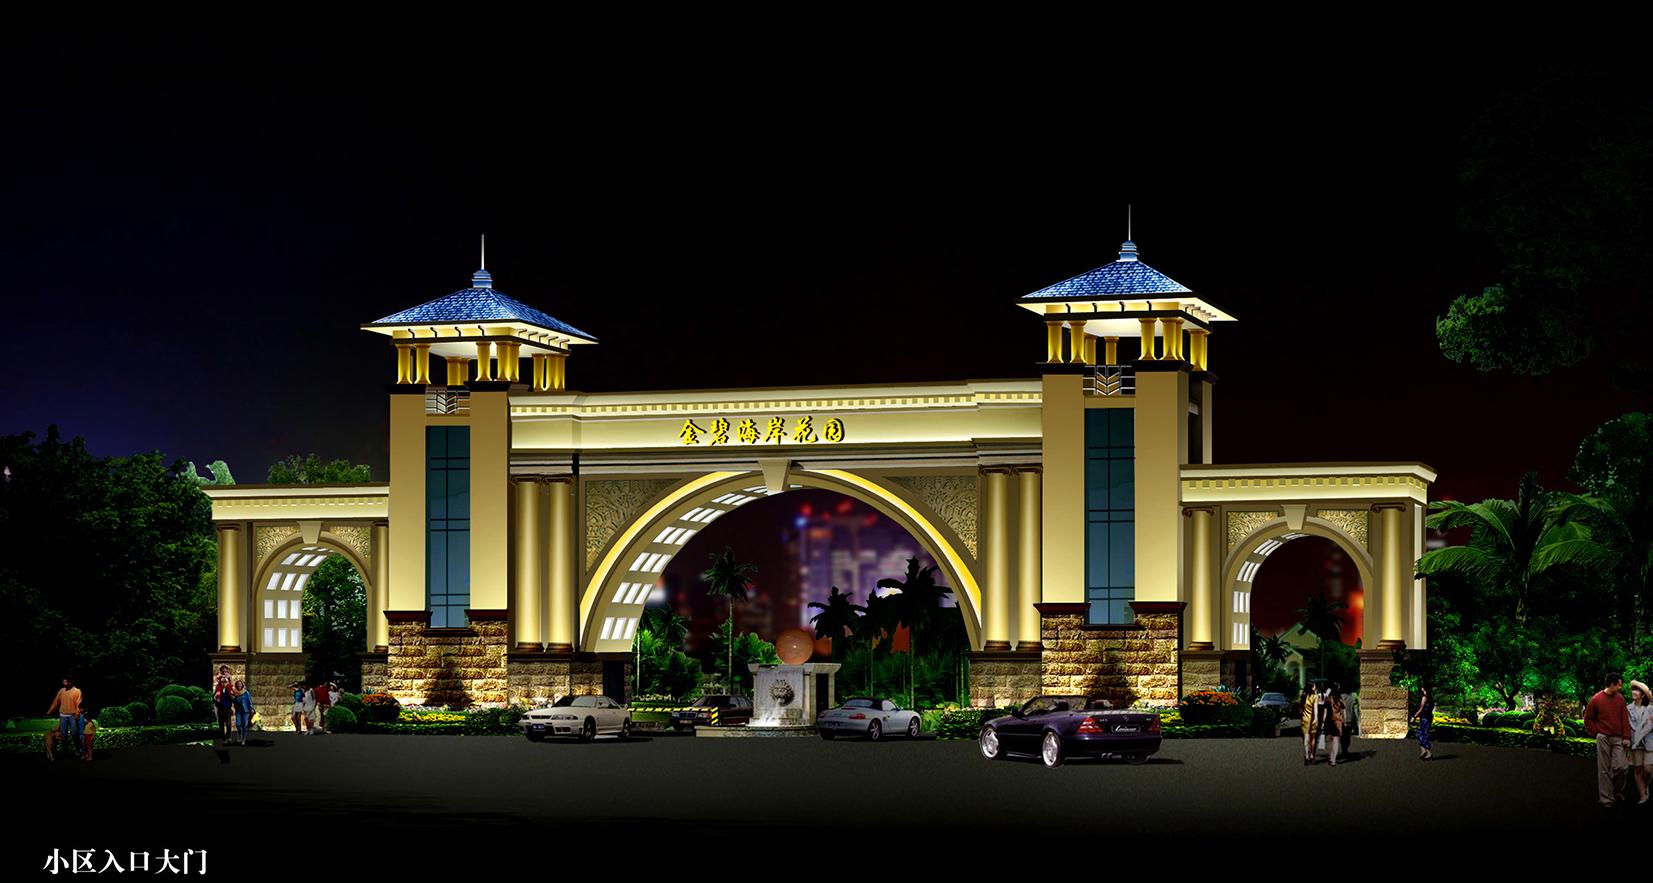 照明工程 景观照明   小区入口大门采用泛光灯及线性灯的照明方式